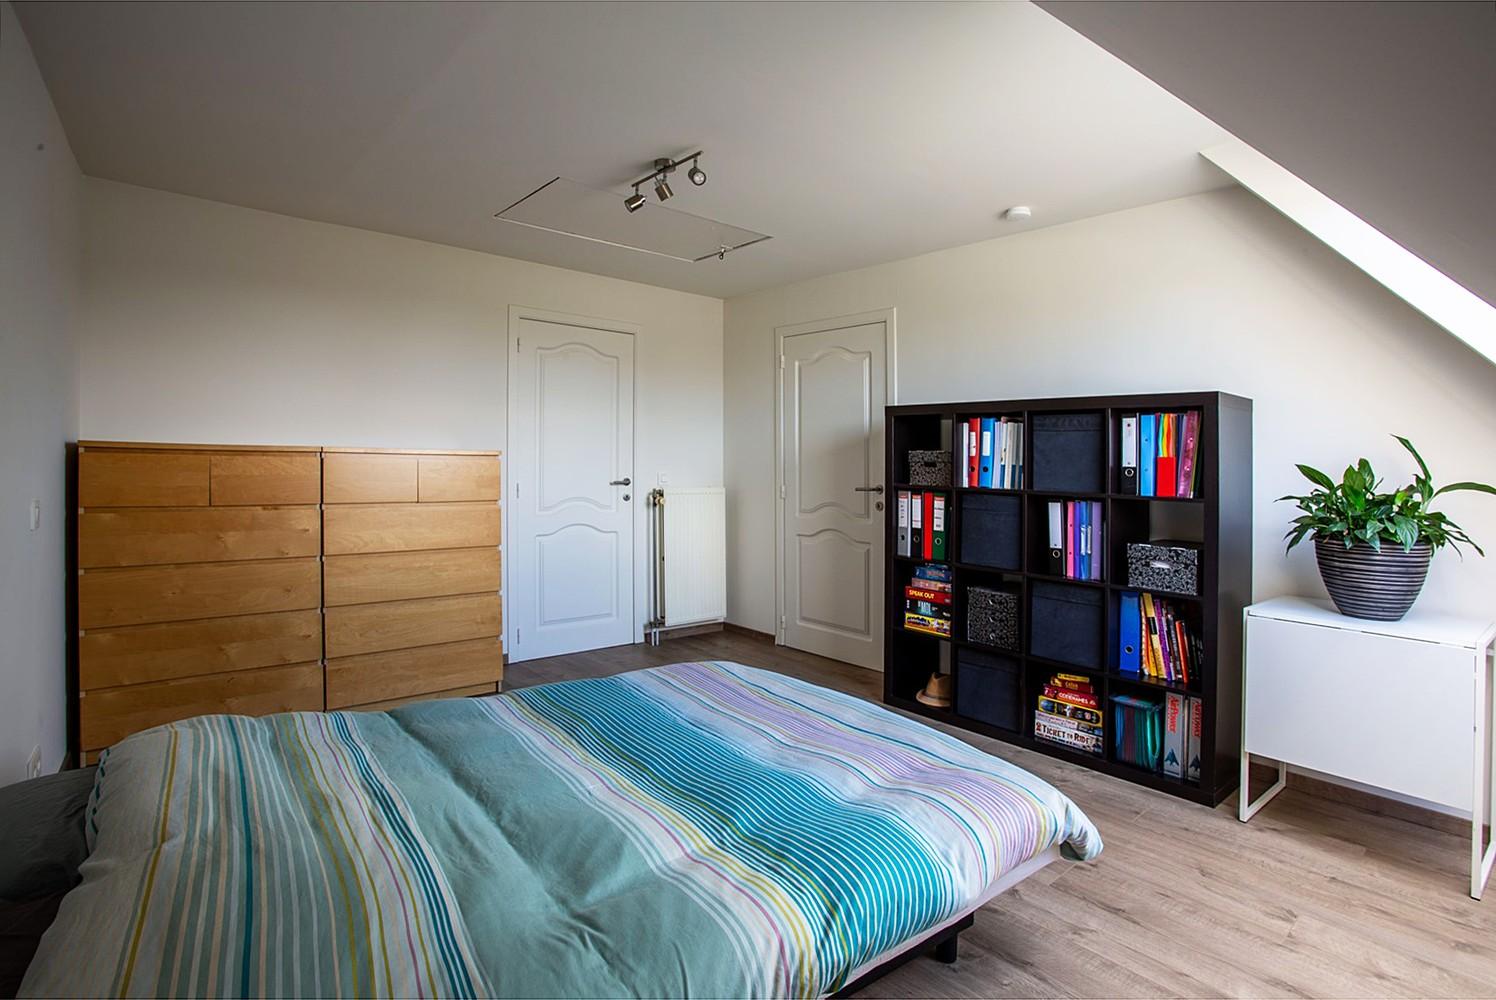 Verrassend ruim, lichtrijk appartement met 3 slaapkamers in hartje Broechem! afbeelding 16